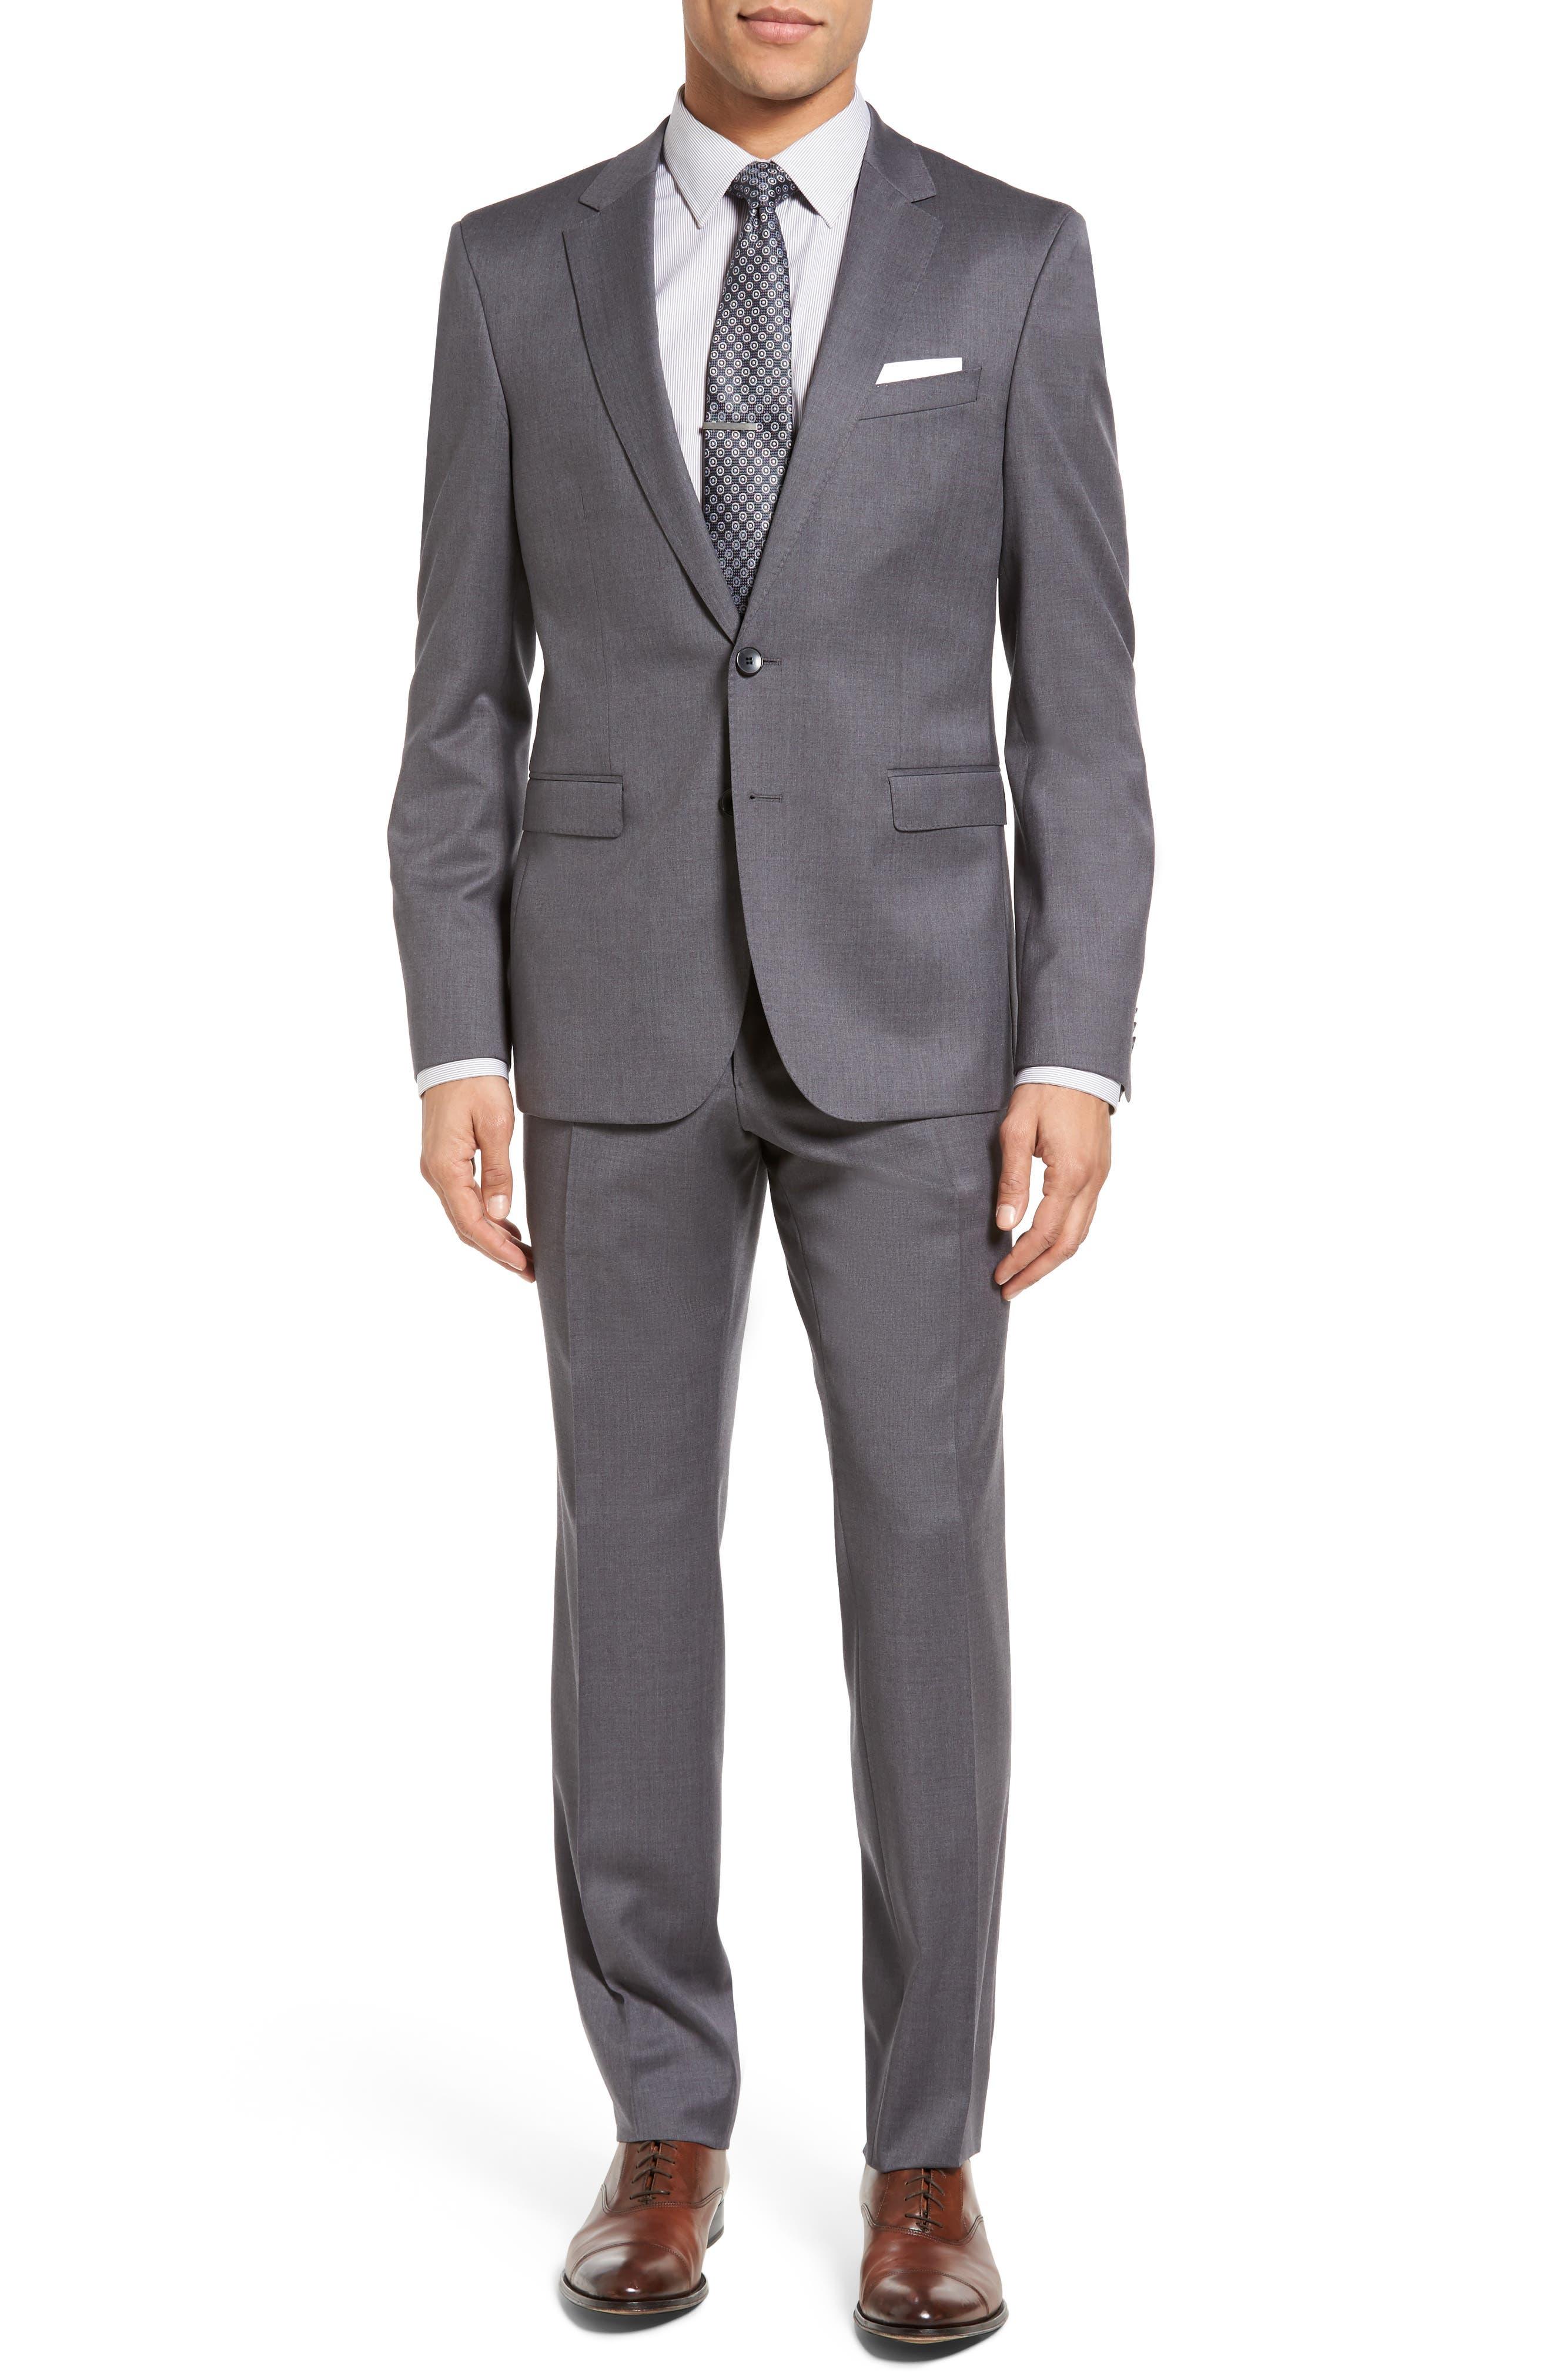 Ryan/Win Trim Fit Solid Wool Suit,                             Main thumbnail 1, color,                             Medium Grey